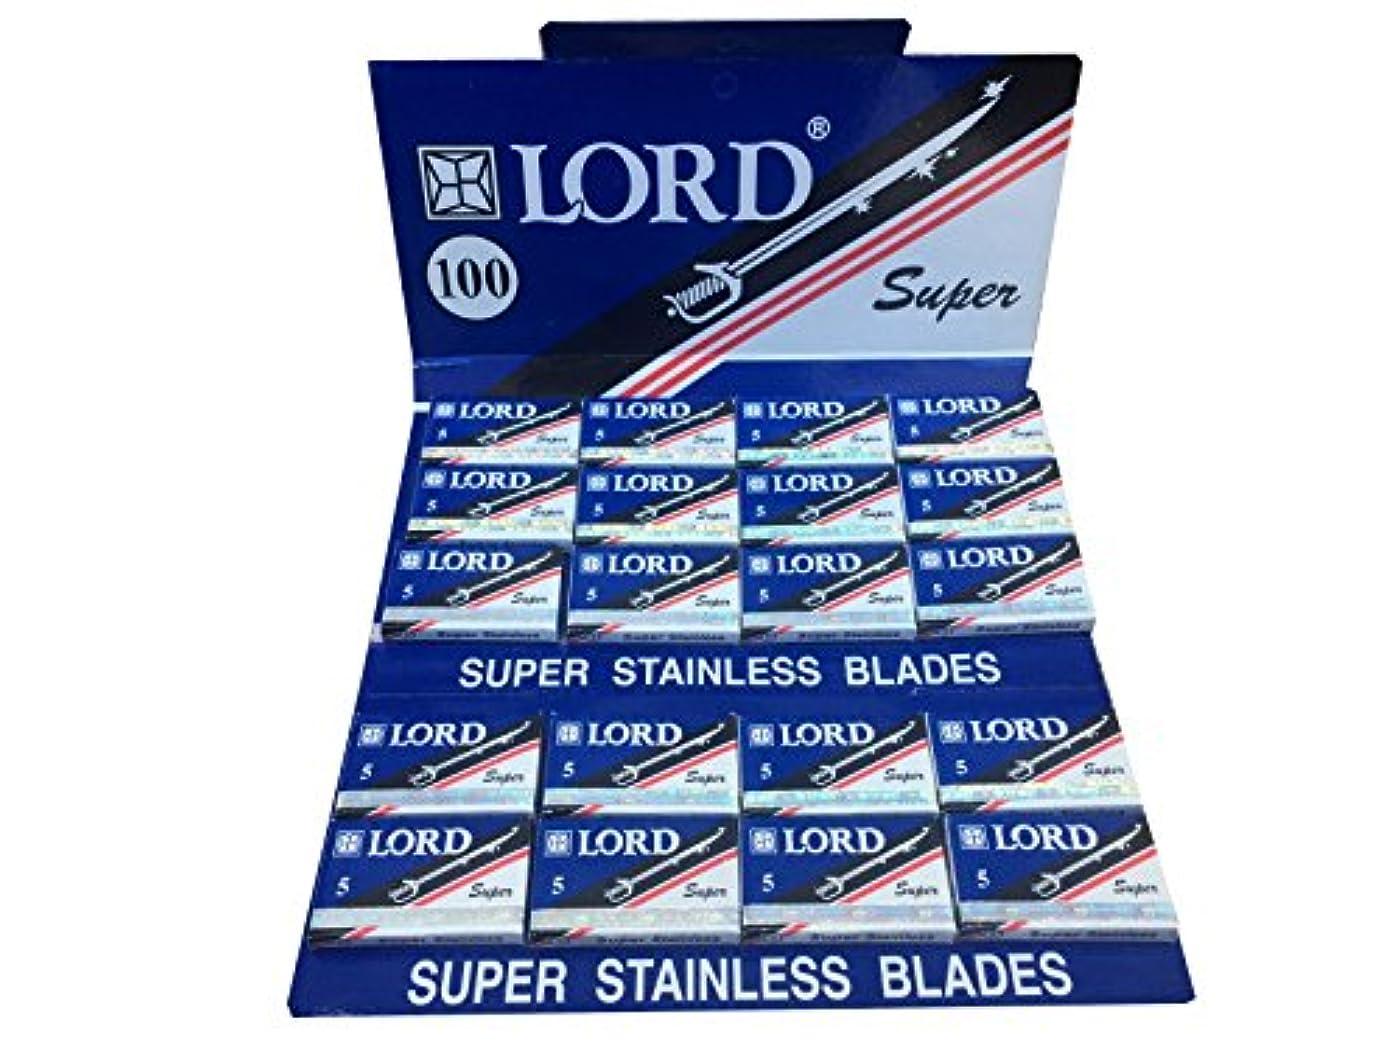 子孫ブラシ寂しいLord Super Stainless 両刃替刃 100枚入り(5枚入り20 個セット)【並行輸入品】